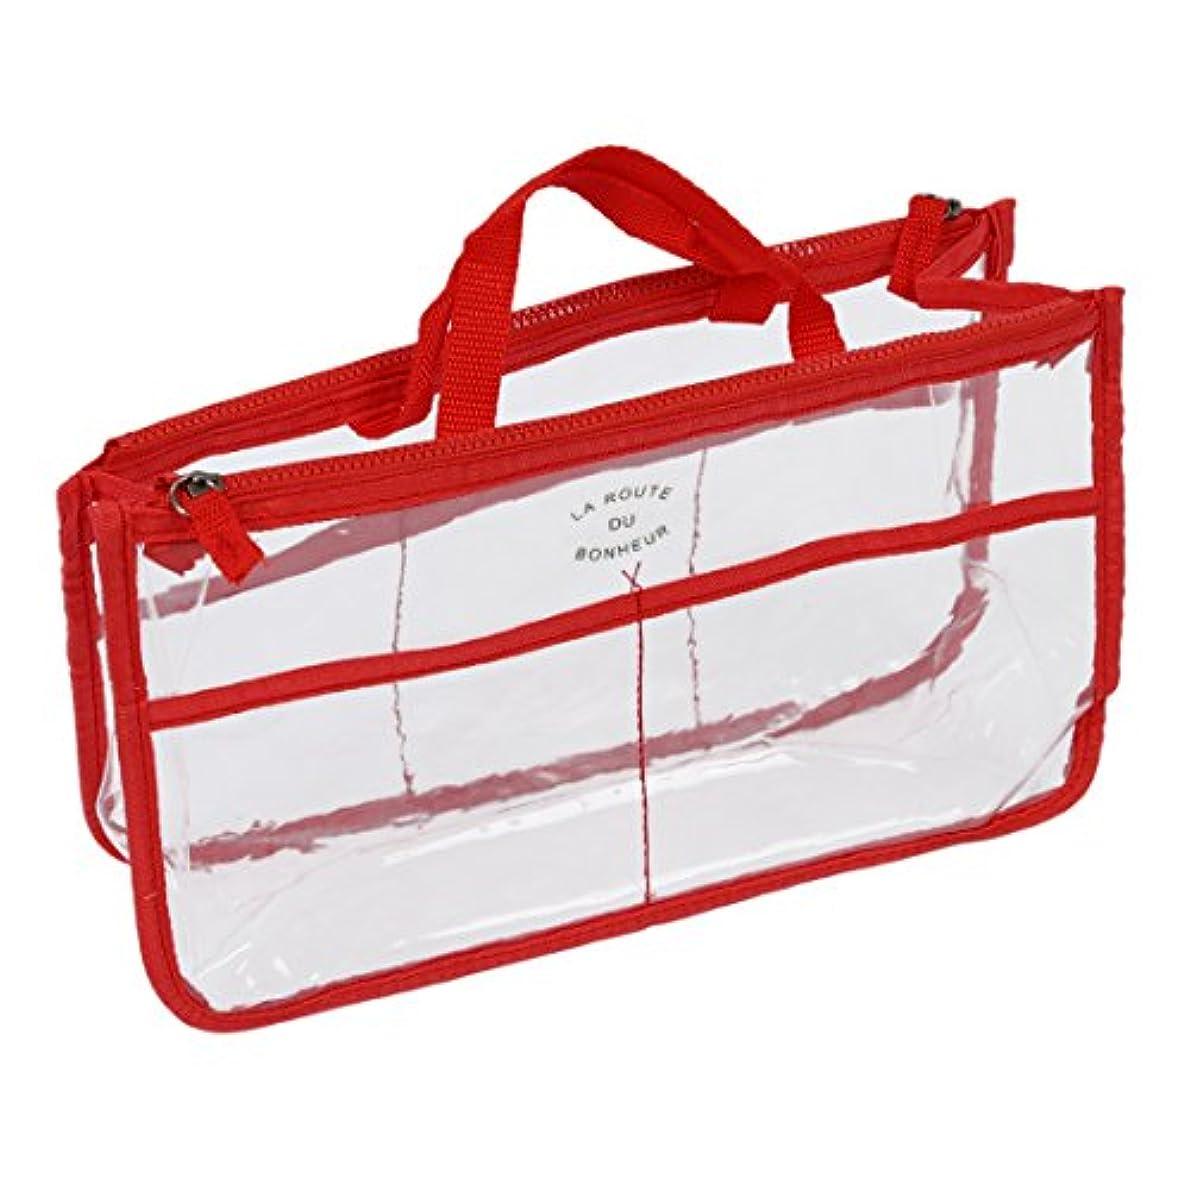 調和デンマーク語子孫ハンドバッグ,SODIAL(R)透明なバッグインバッグ インサート 化粧品 ガジェット 財布(赤)